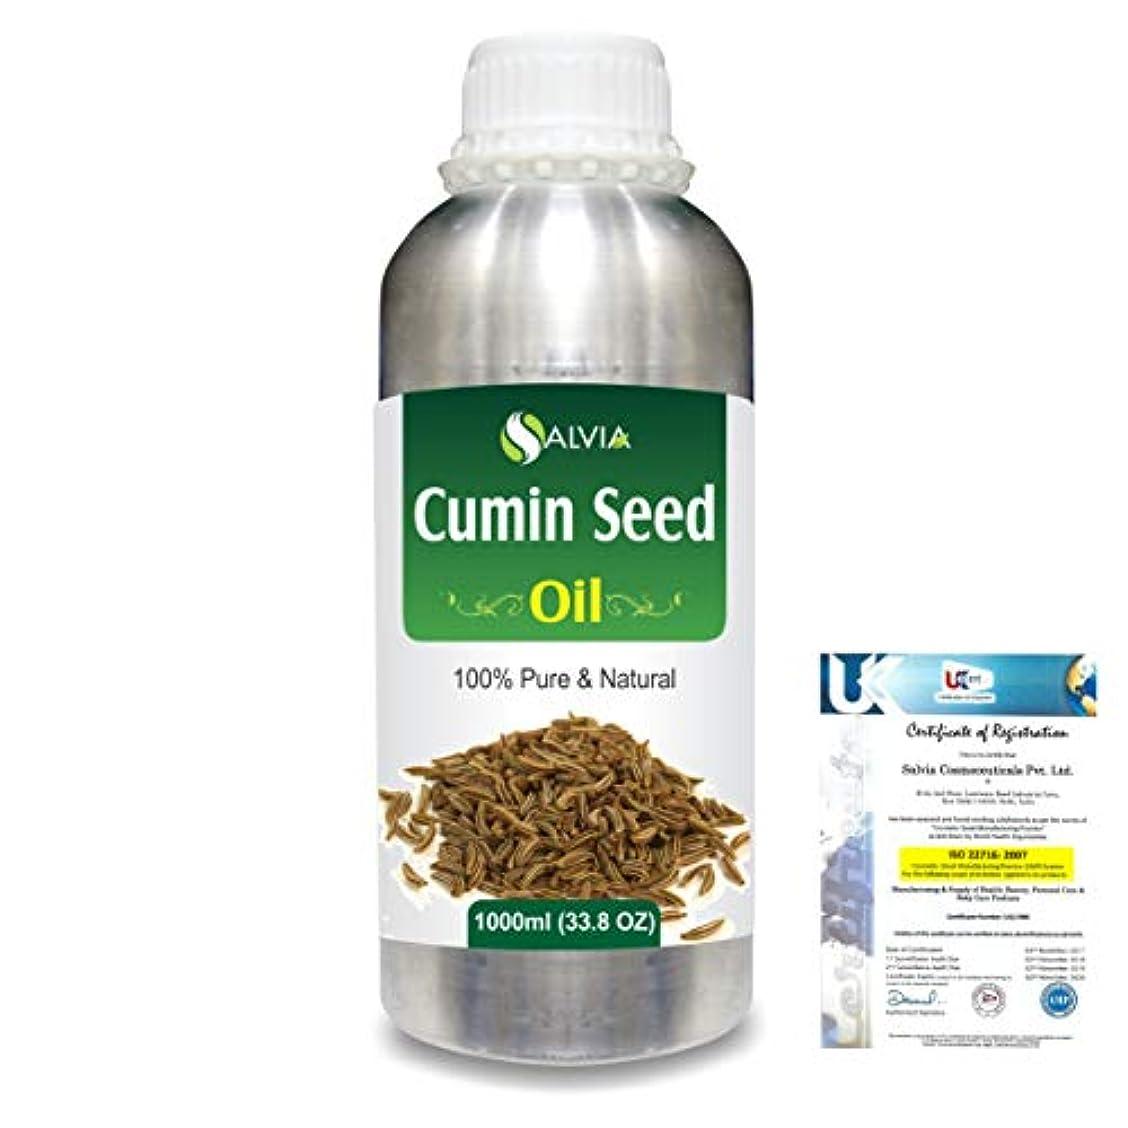 フルーツ転送年金Cumin Seed (Cuminum Cyminum) 100% Pure Natural Carrier Oil 1000ml/33.8fl.oz.